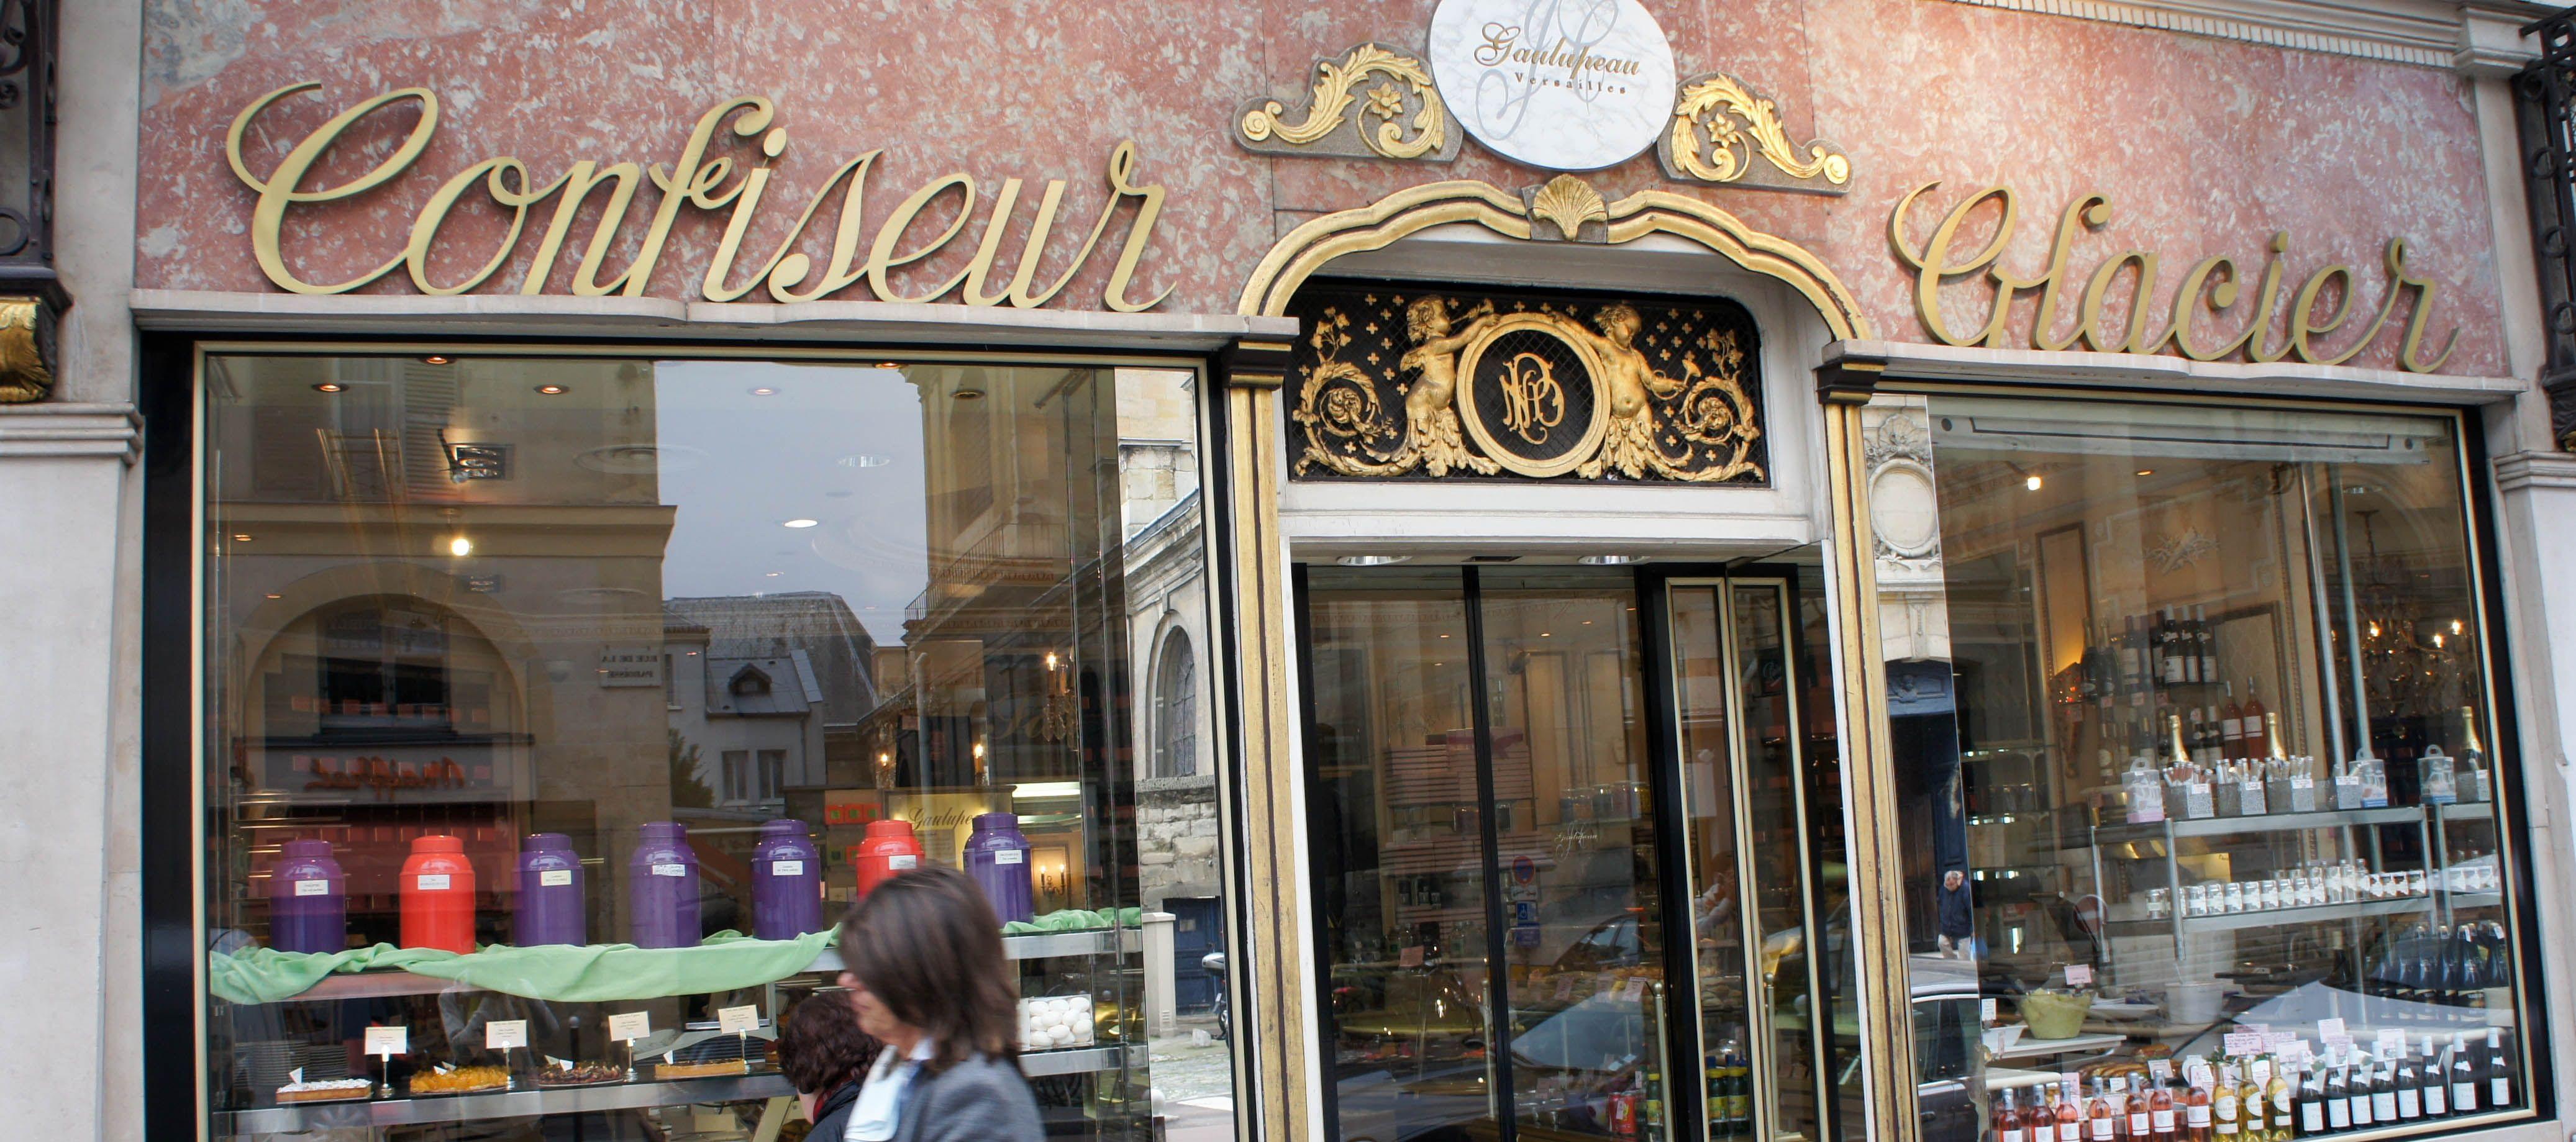 ヴェルサイユ街でショッピング!お土産も買えるエリア別おすすめ店&人気レストラン10選